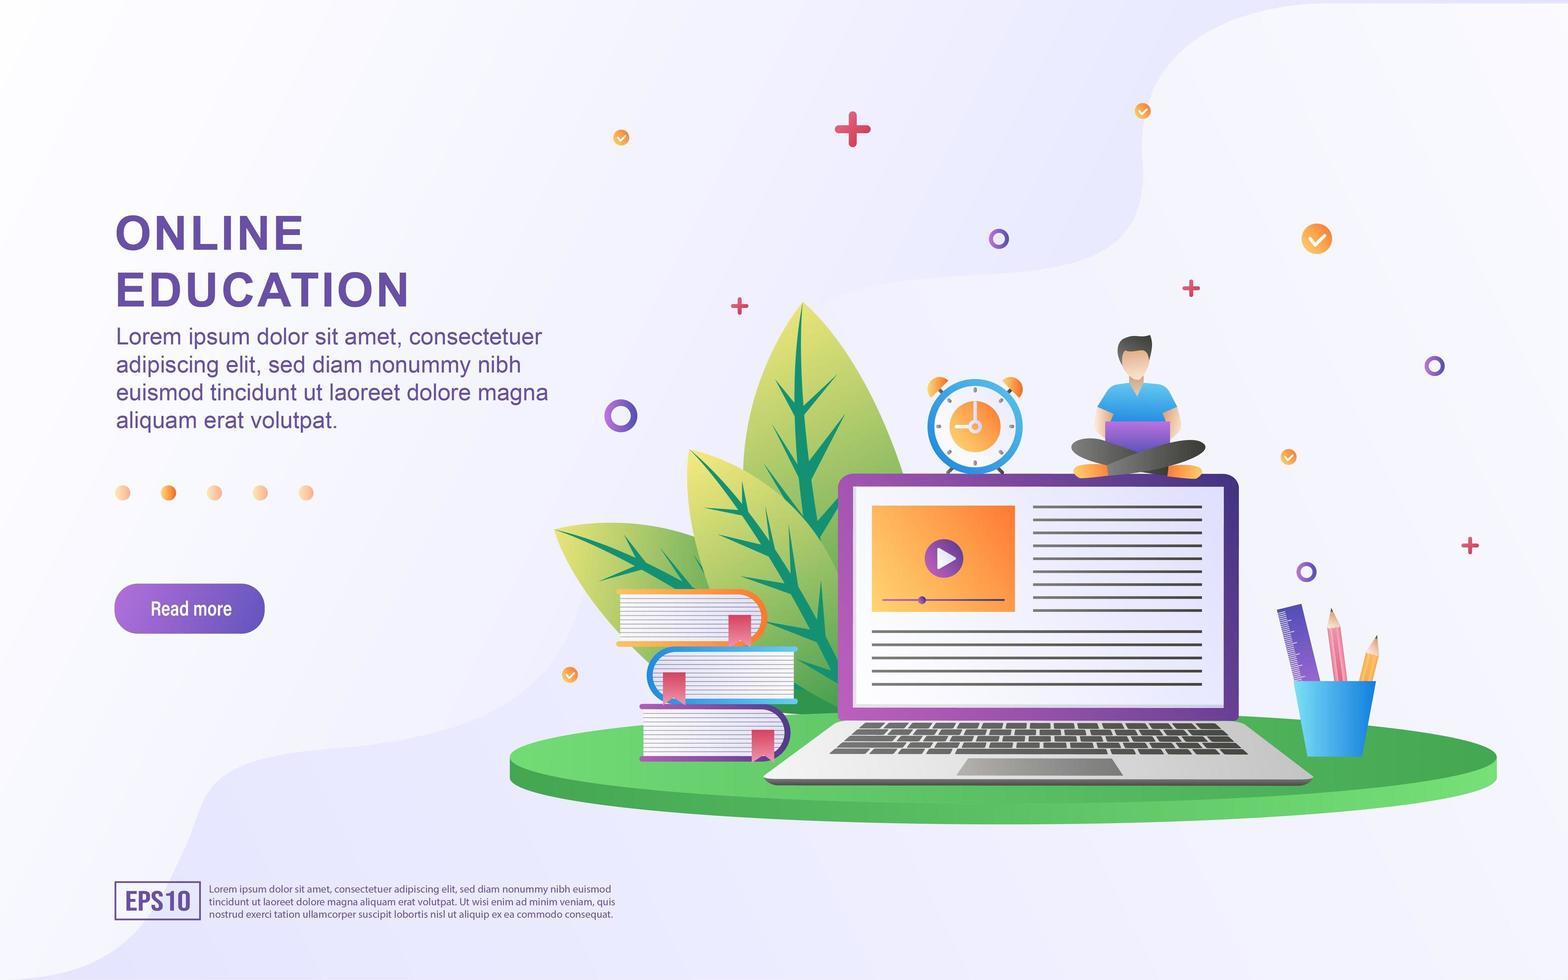 concepto de ilustración de la educación en línea. educación, formación y cursos en línea, aprendizaje. vector